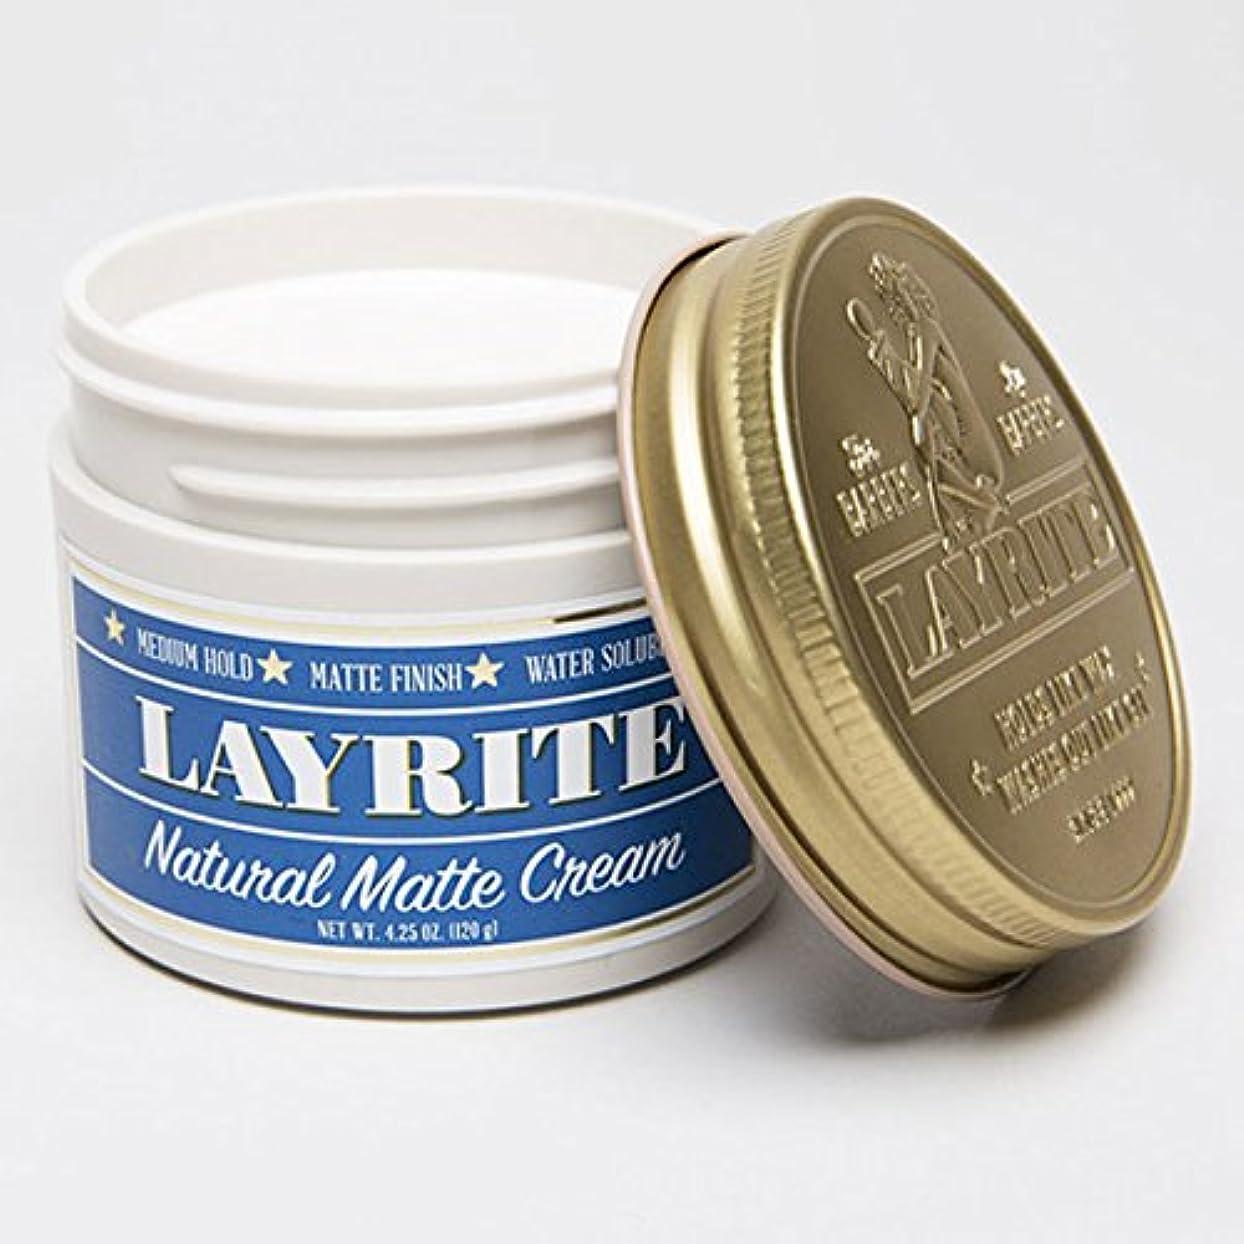 LAYRITE レイライト 【Natural Matte Cream Pomade】 水性ポマード ミディアムホールド 4.25OZ(約120G)